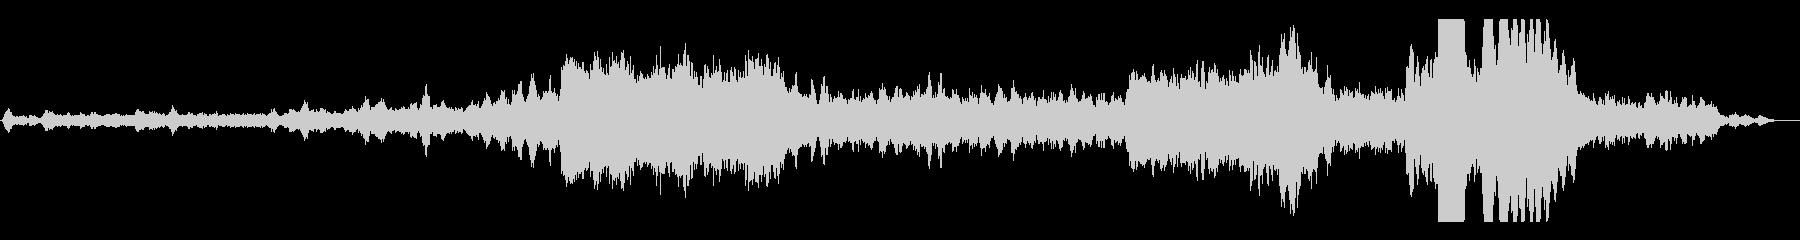 白鳥の湖『情景』 オーケストラ カラヤンの未再生の波形